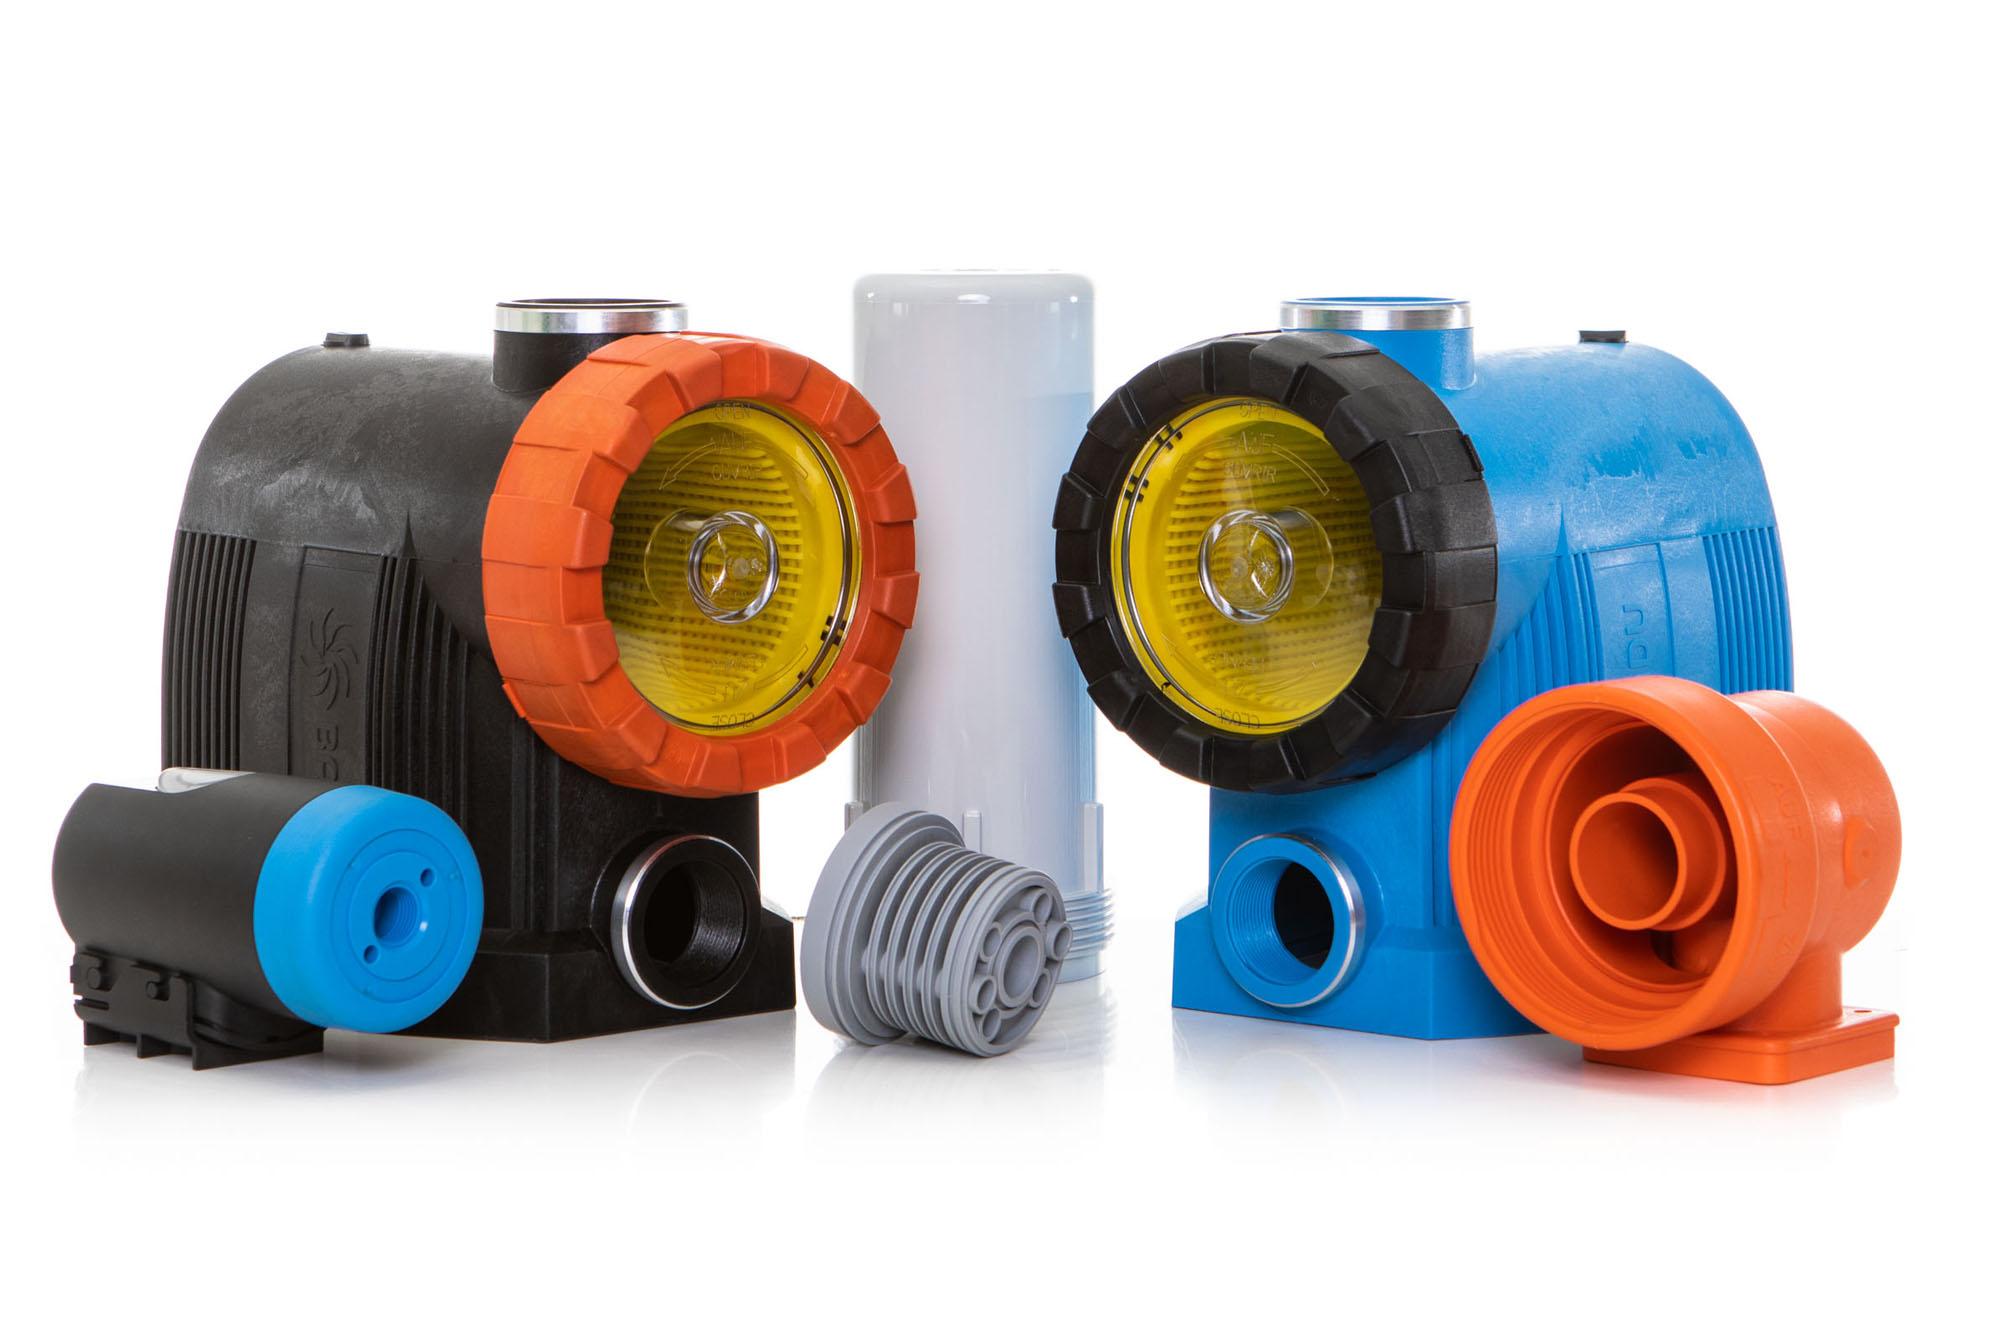 Produktpalette der Kunststoffverarbeitung Winter für Pumpentechnik